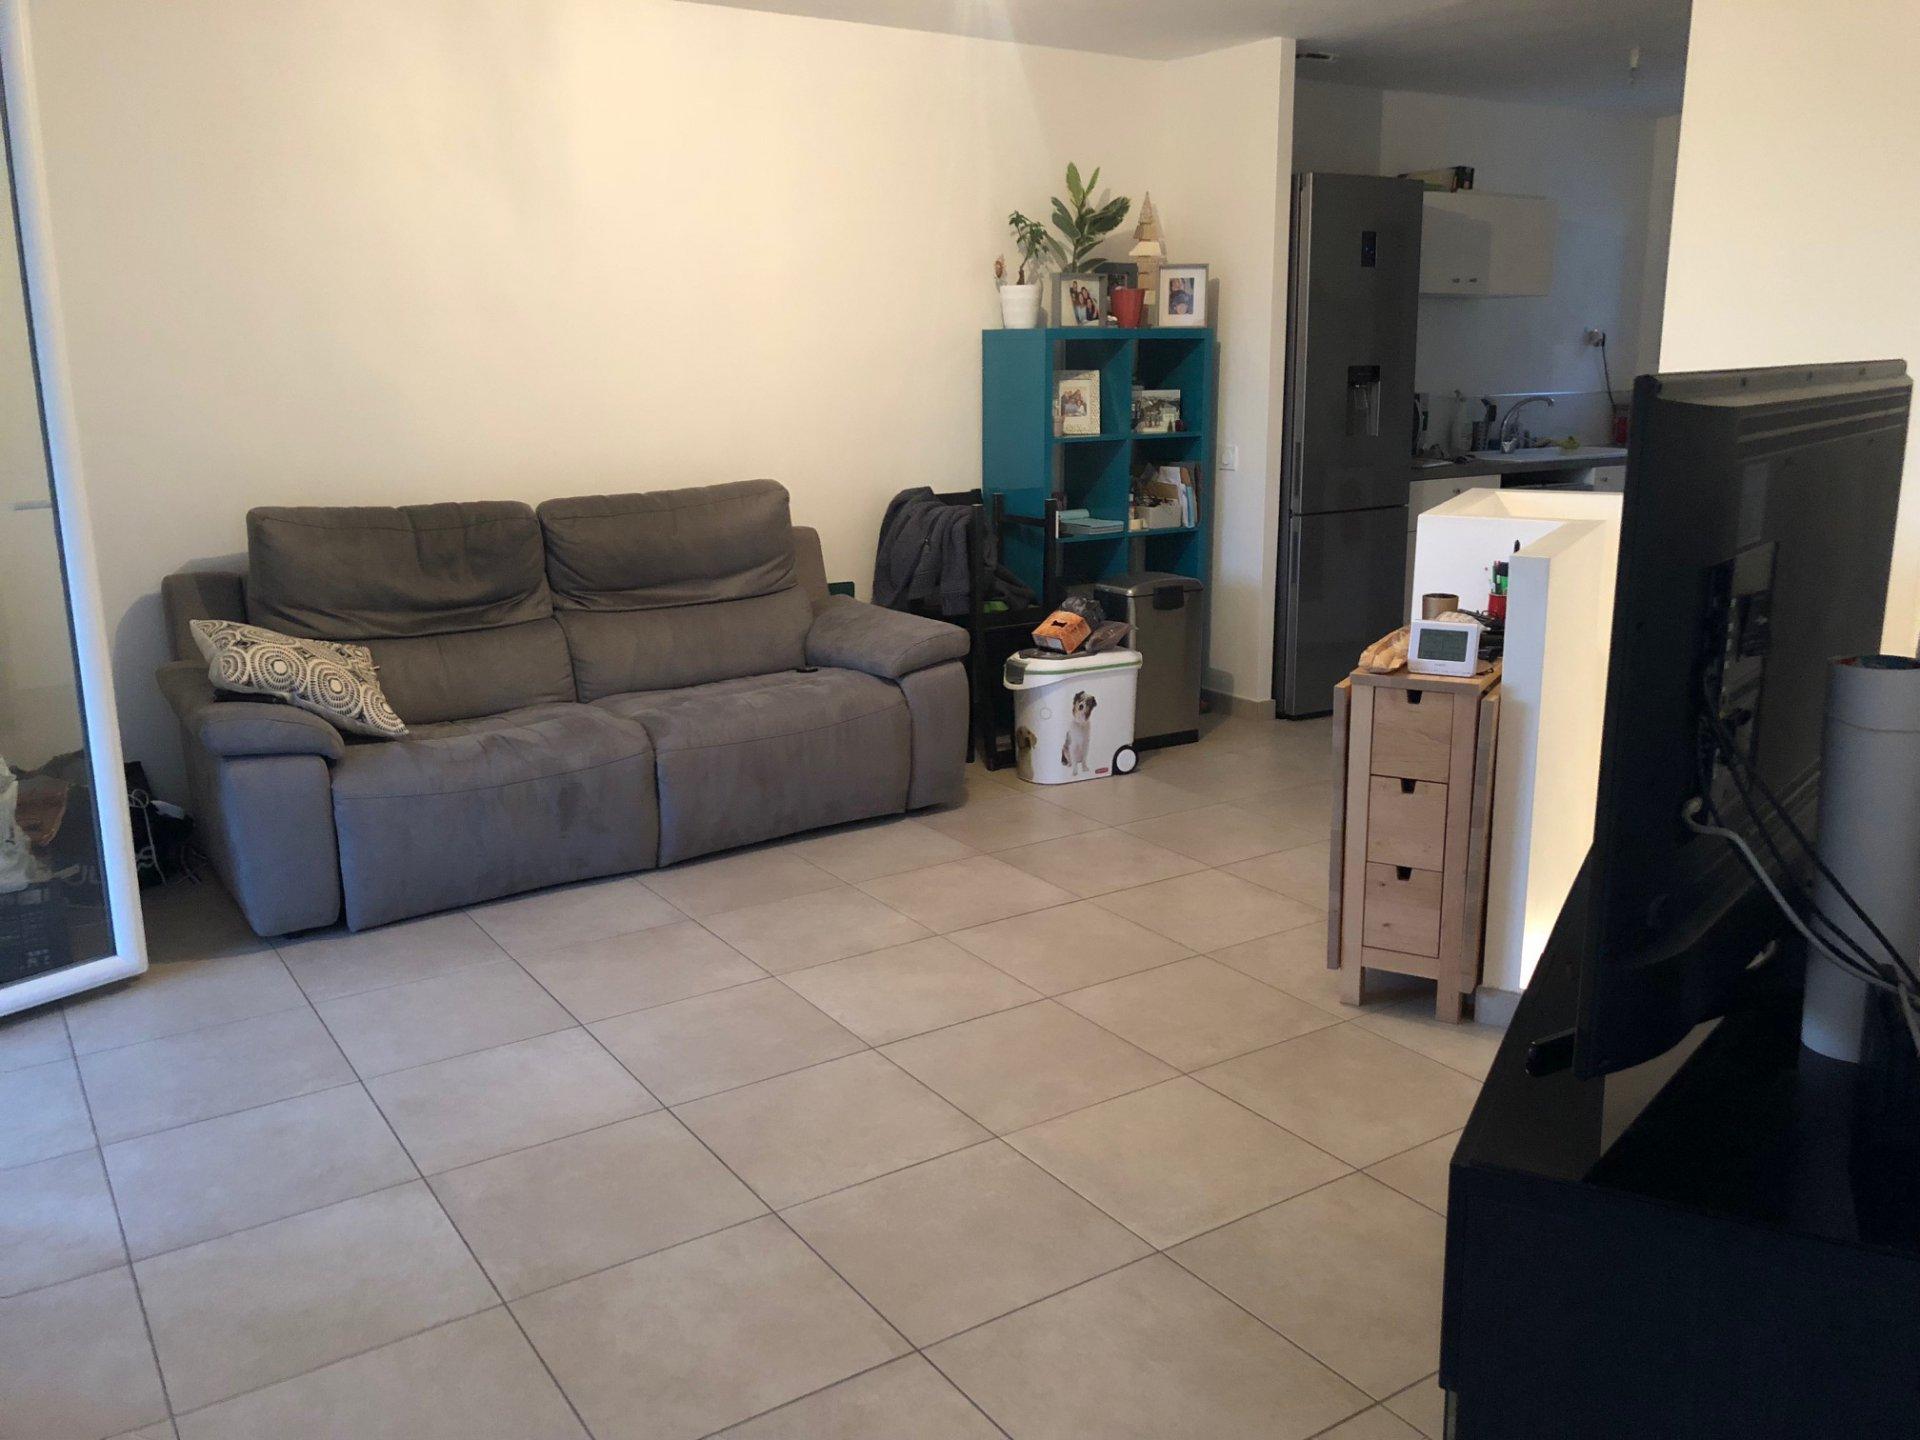 Maison type 2, 55m², une chambre, parking, jardin